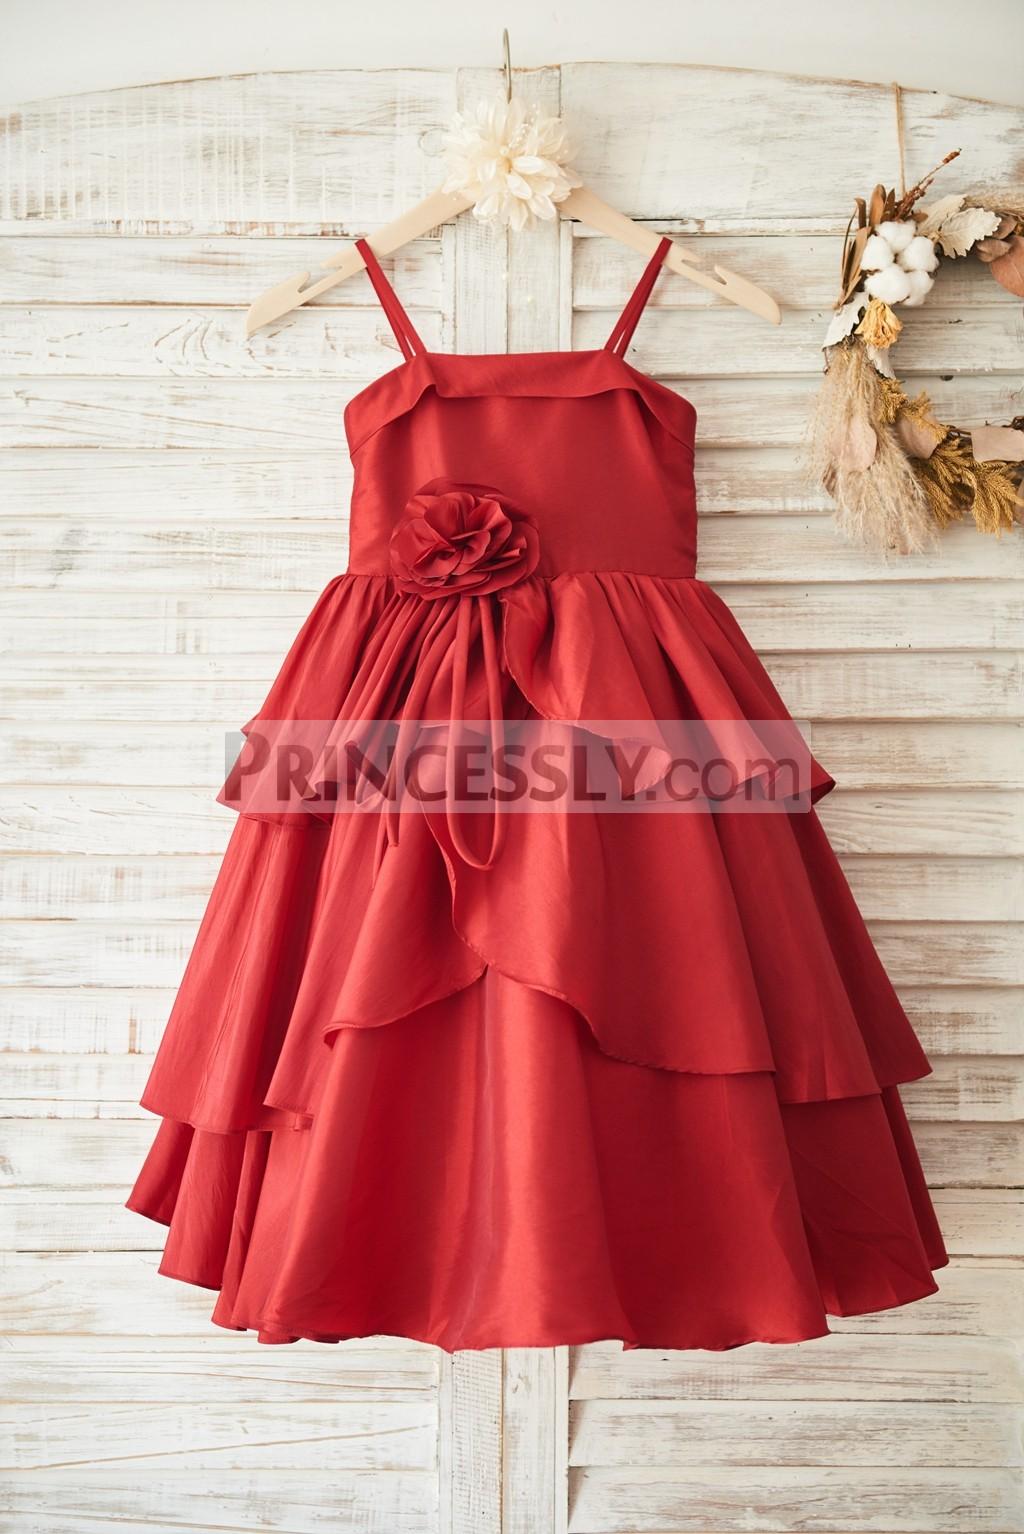 Spaghetti Straps Overlaid Cupcake Red Taffeta Flower Girl Dress W Bow Avivaly,Long Sleeve Sherri Hill Wedding Dresses